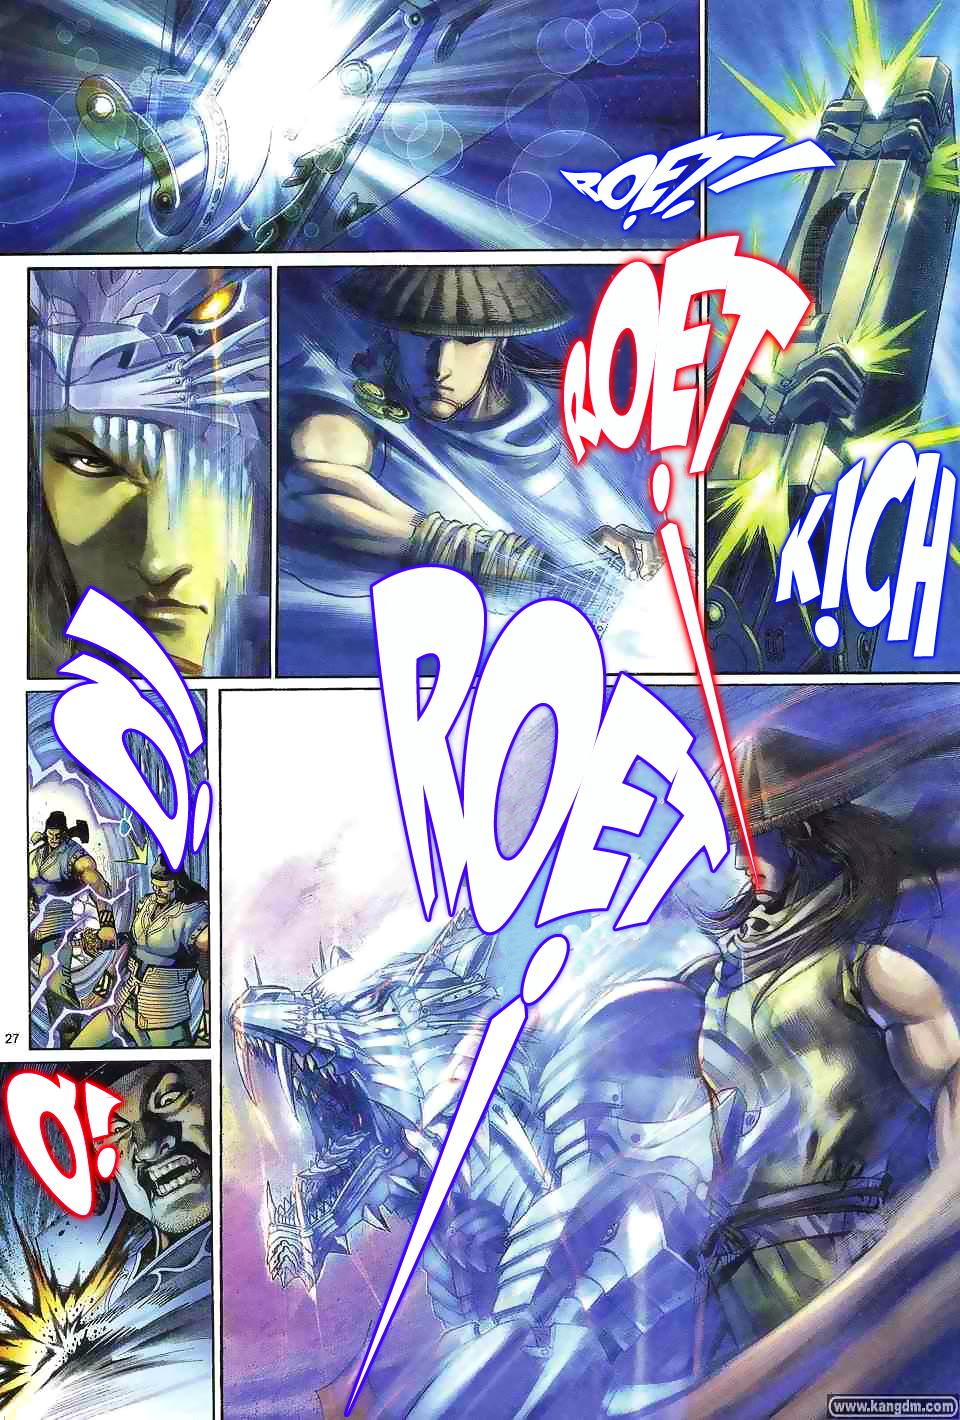 Anh hùng vô lệ chap 1 trang 26